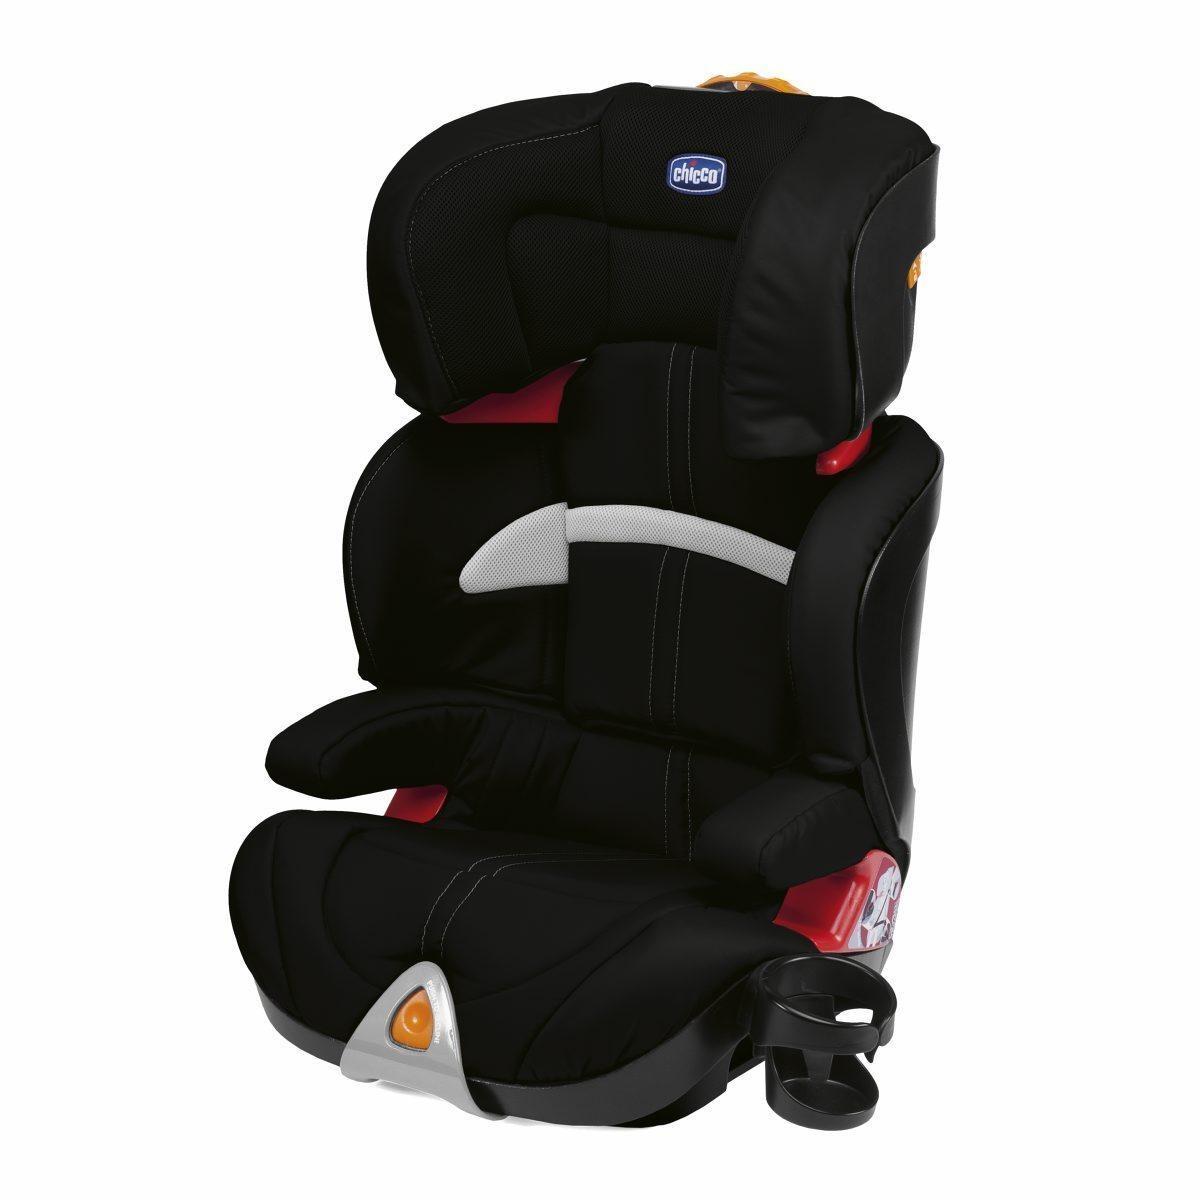 Автомобильное кресло Oasis – Black, группа 2/3, 15-36 кг.Автокресла (15-36кг)<br>Автомобильное кресло Oasis – Black, группа 2/3, 15-36 кг.<br>